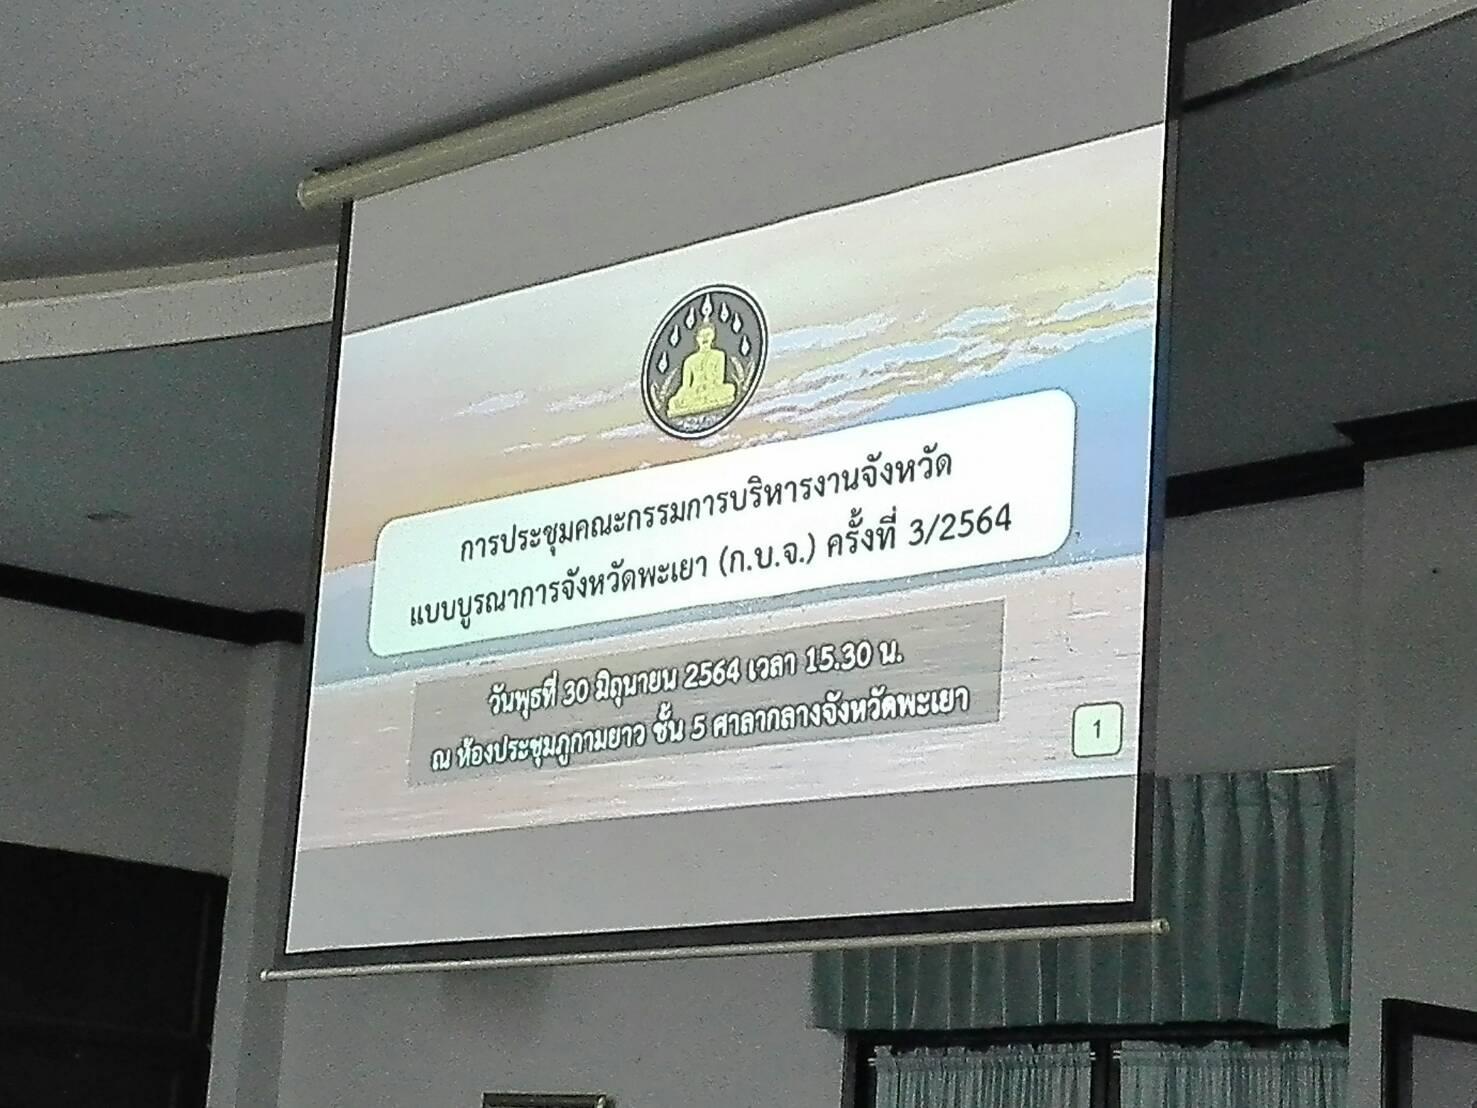 ประชุมหารือข้อราชการแนวทางขับเคลื่อนวาระจังหวัดพะเยา